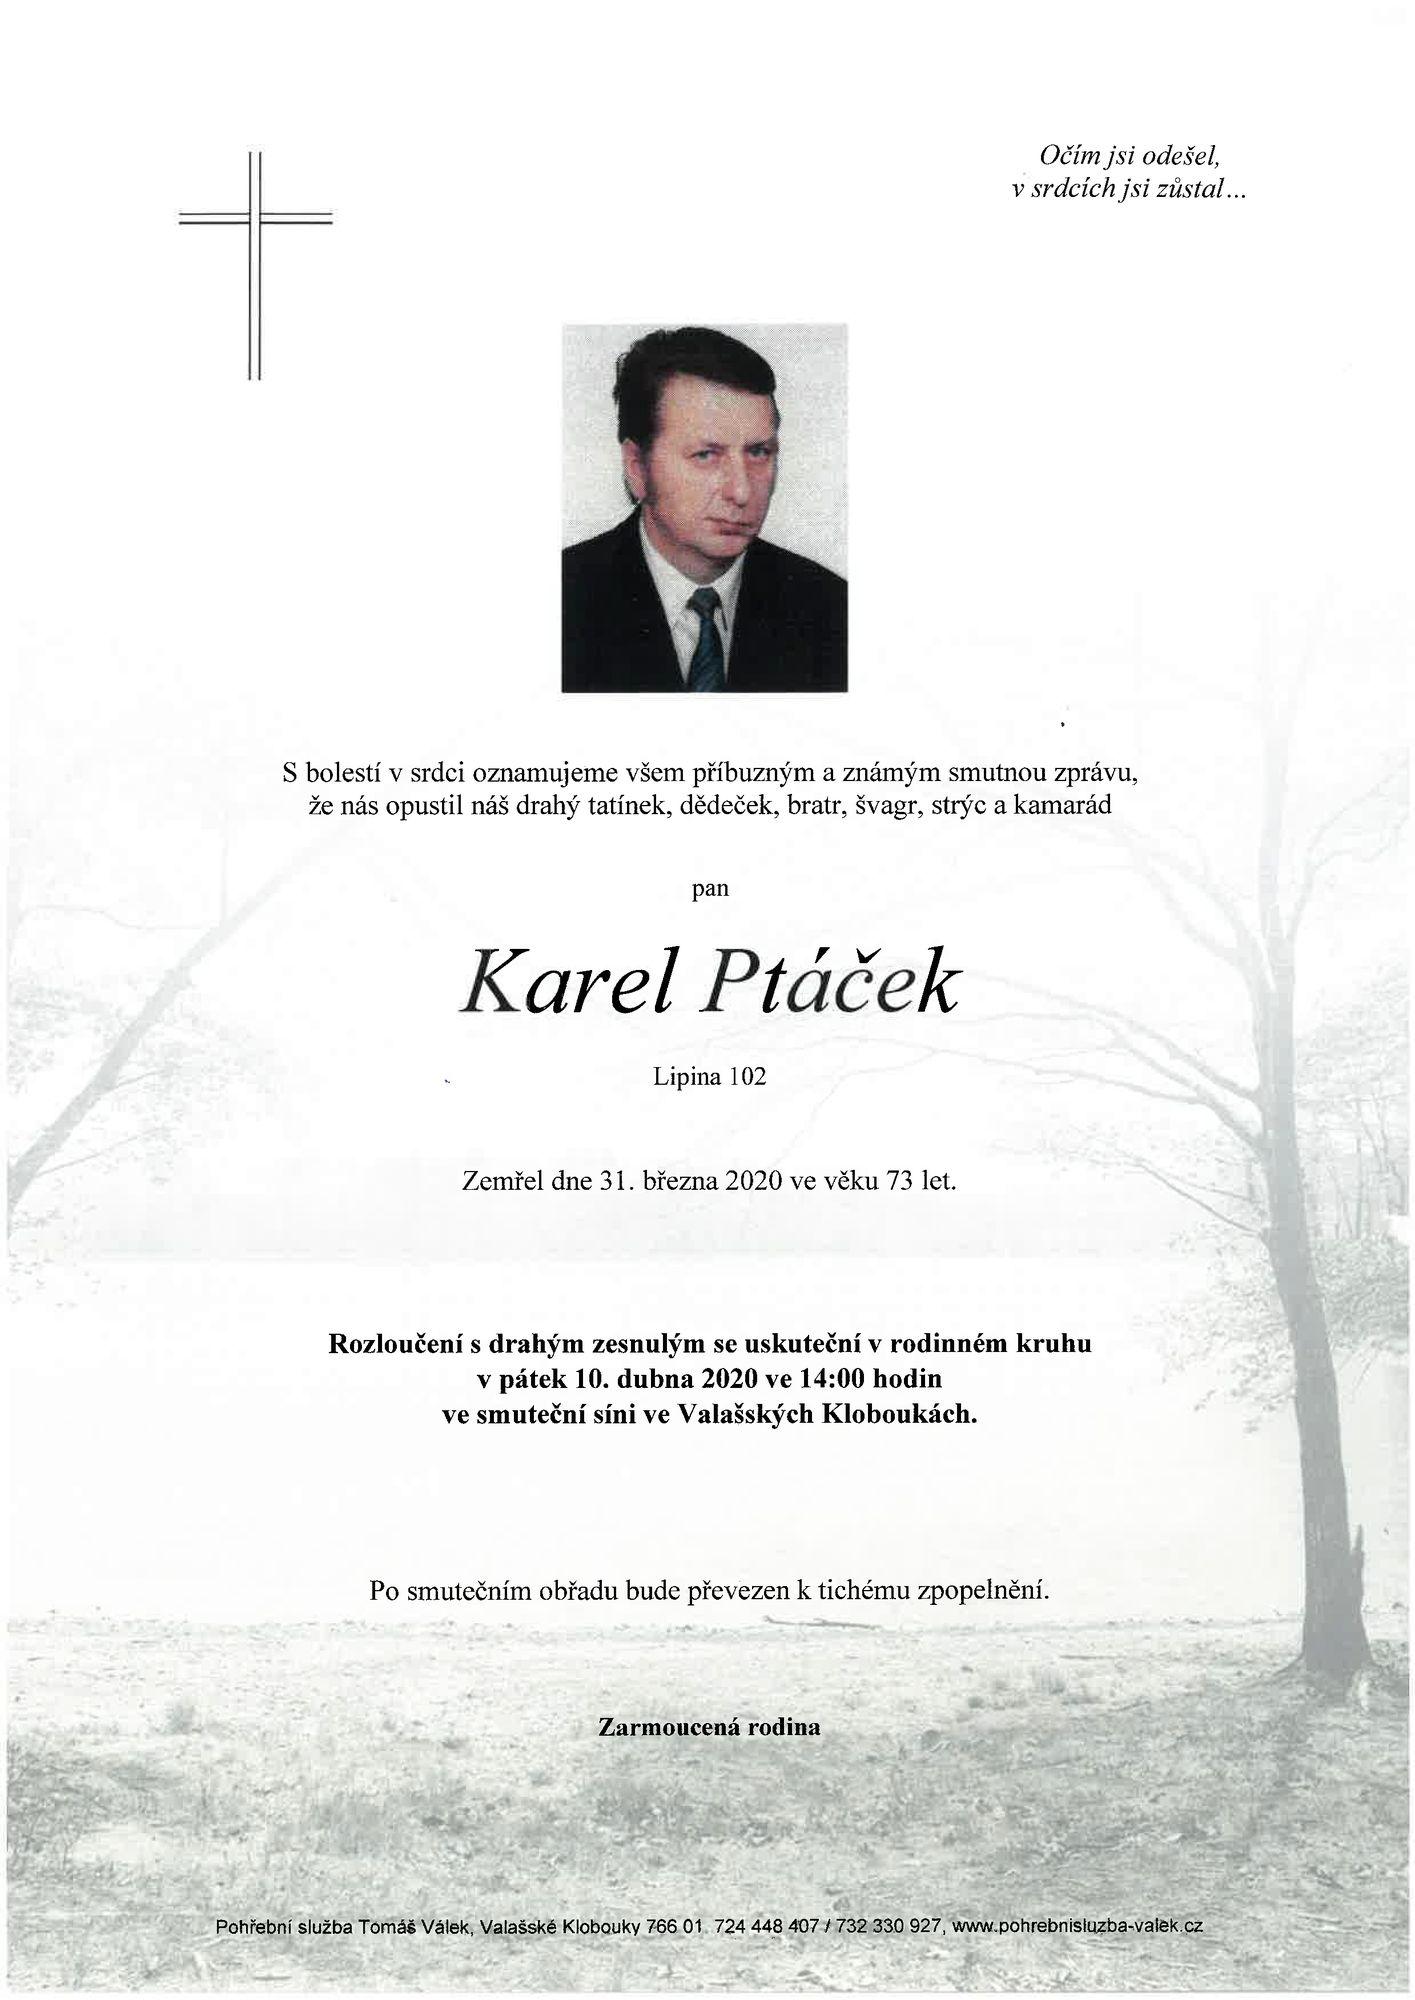 Karel Ptáček